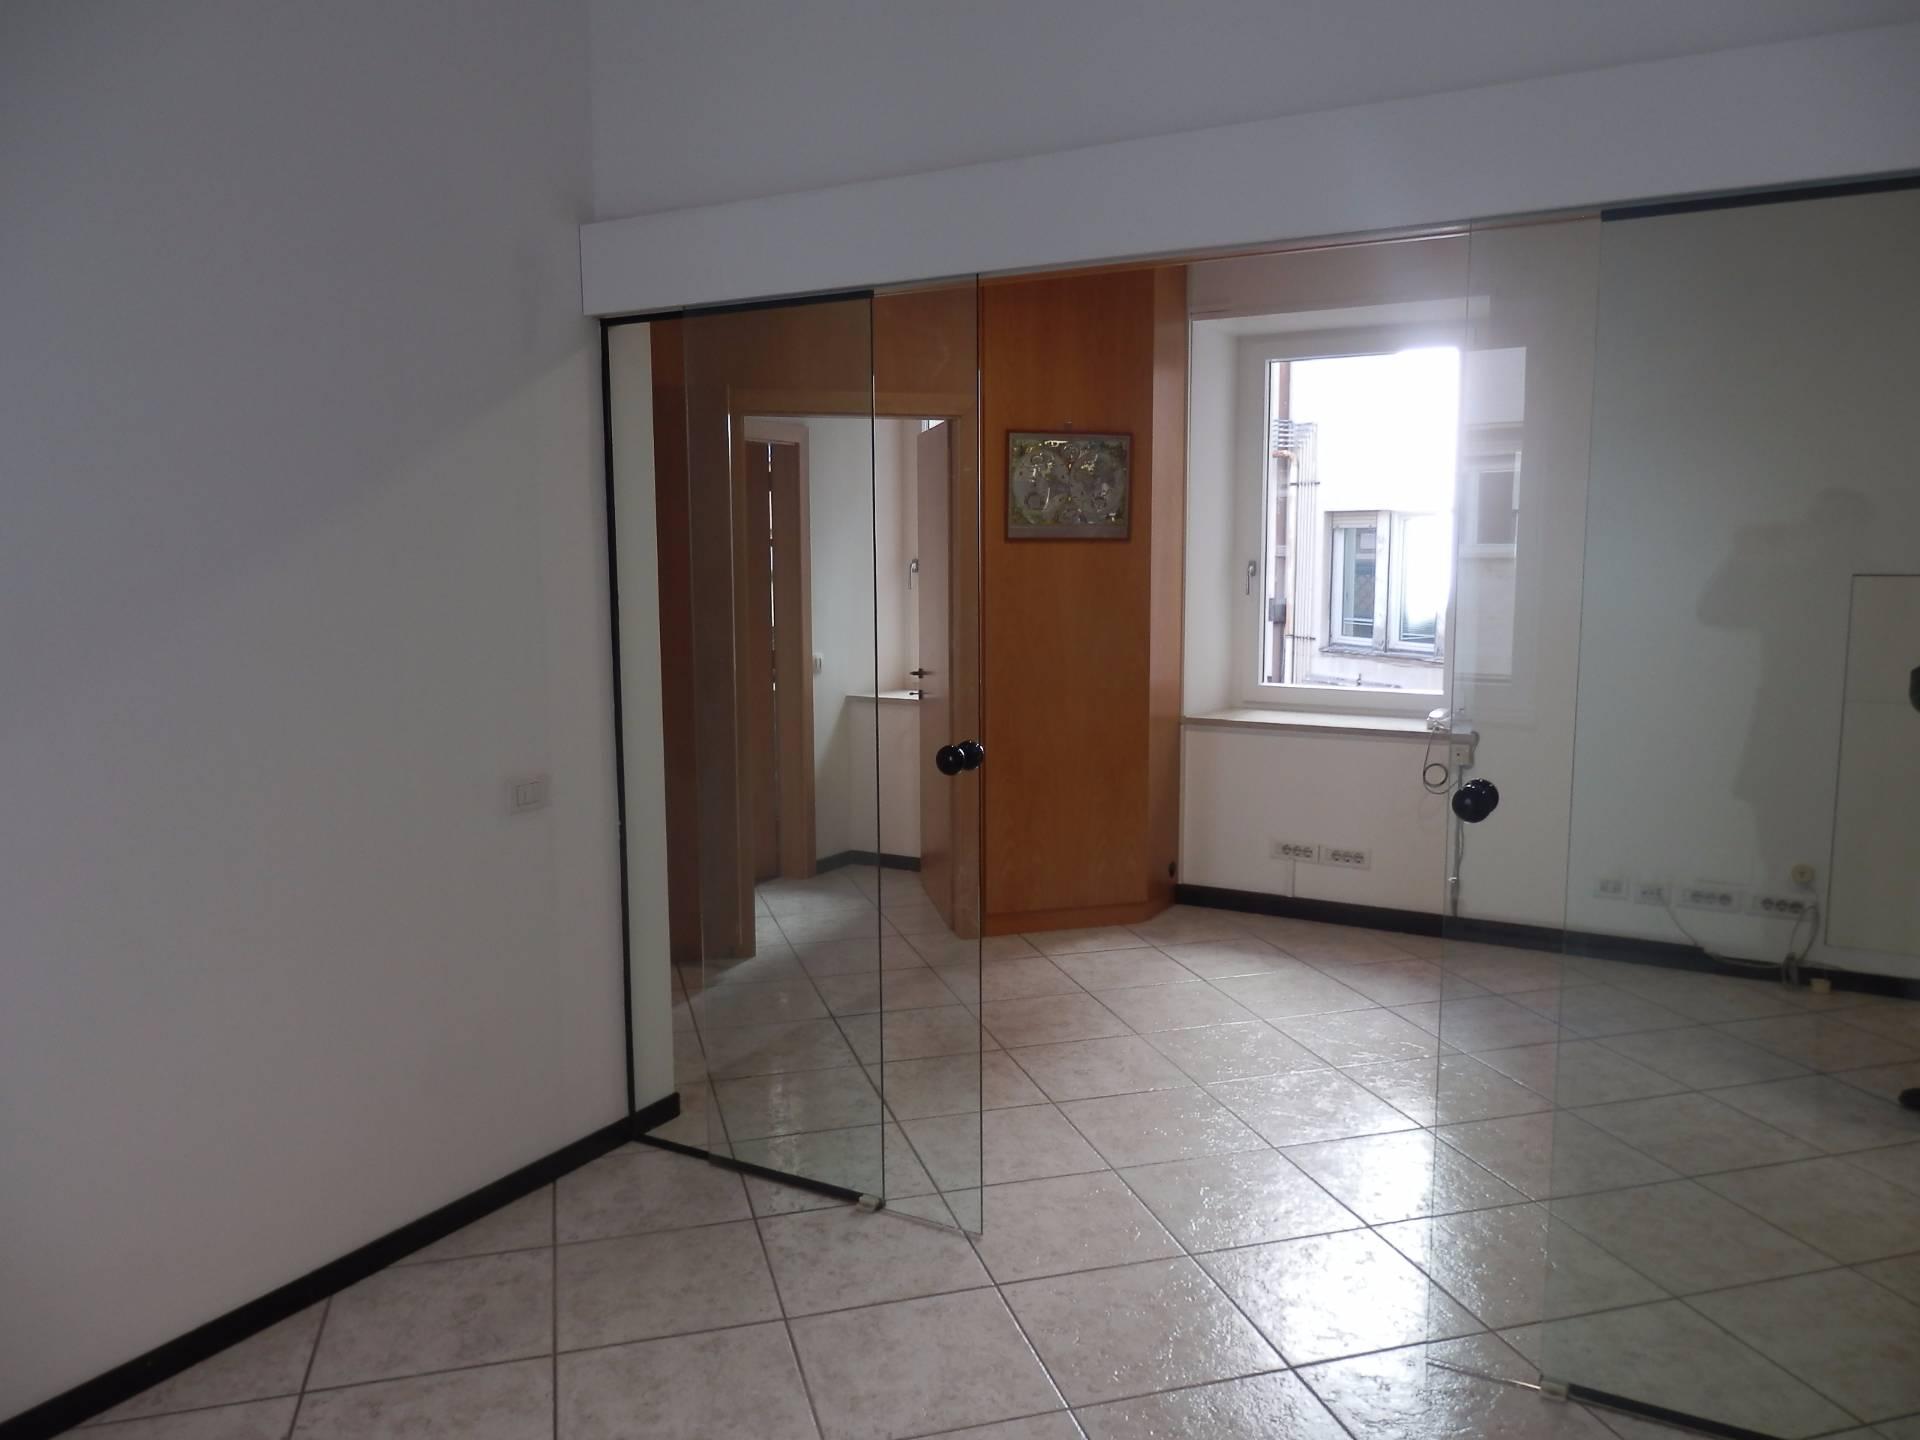 Ufficio / Studio in affitto a Bolzano, 9999 locali, zona Zona: Residenziale, prezzo € 750 | Cambio Casa.it